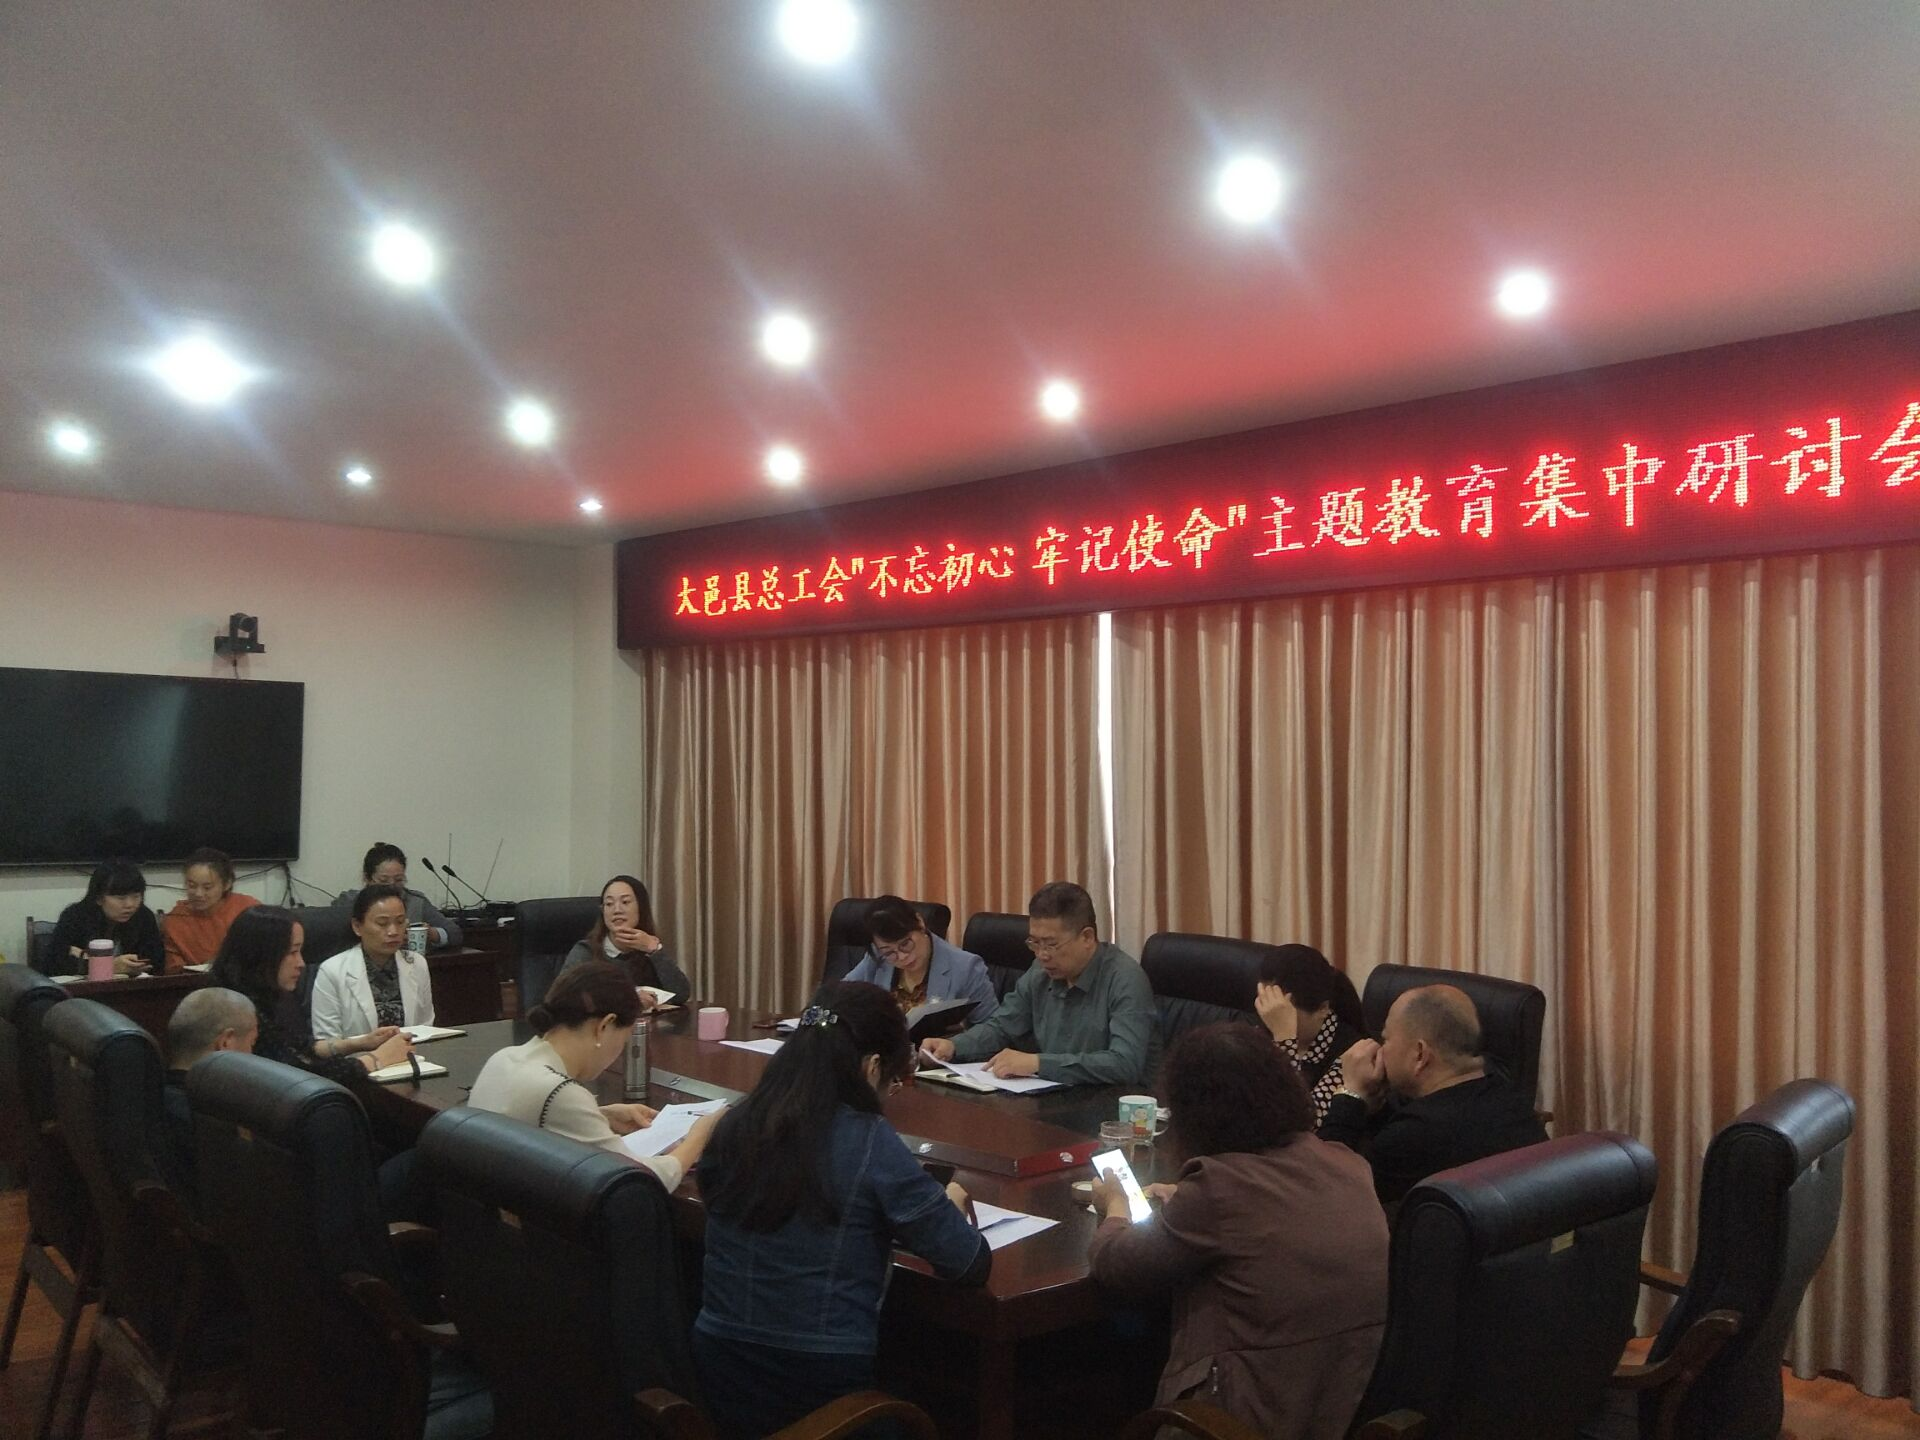 大邑县总召开主题教育学习研讨会